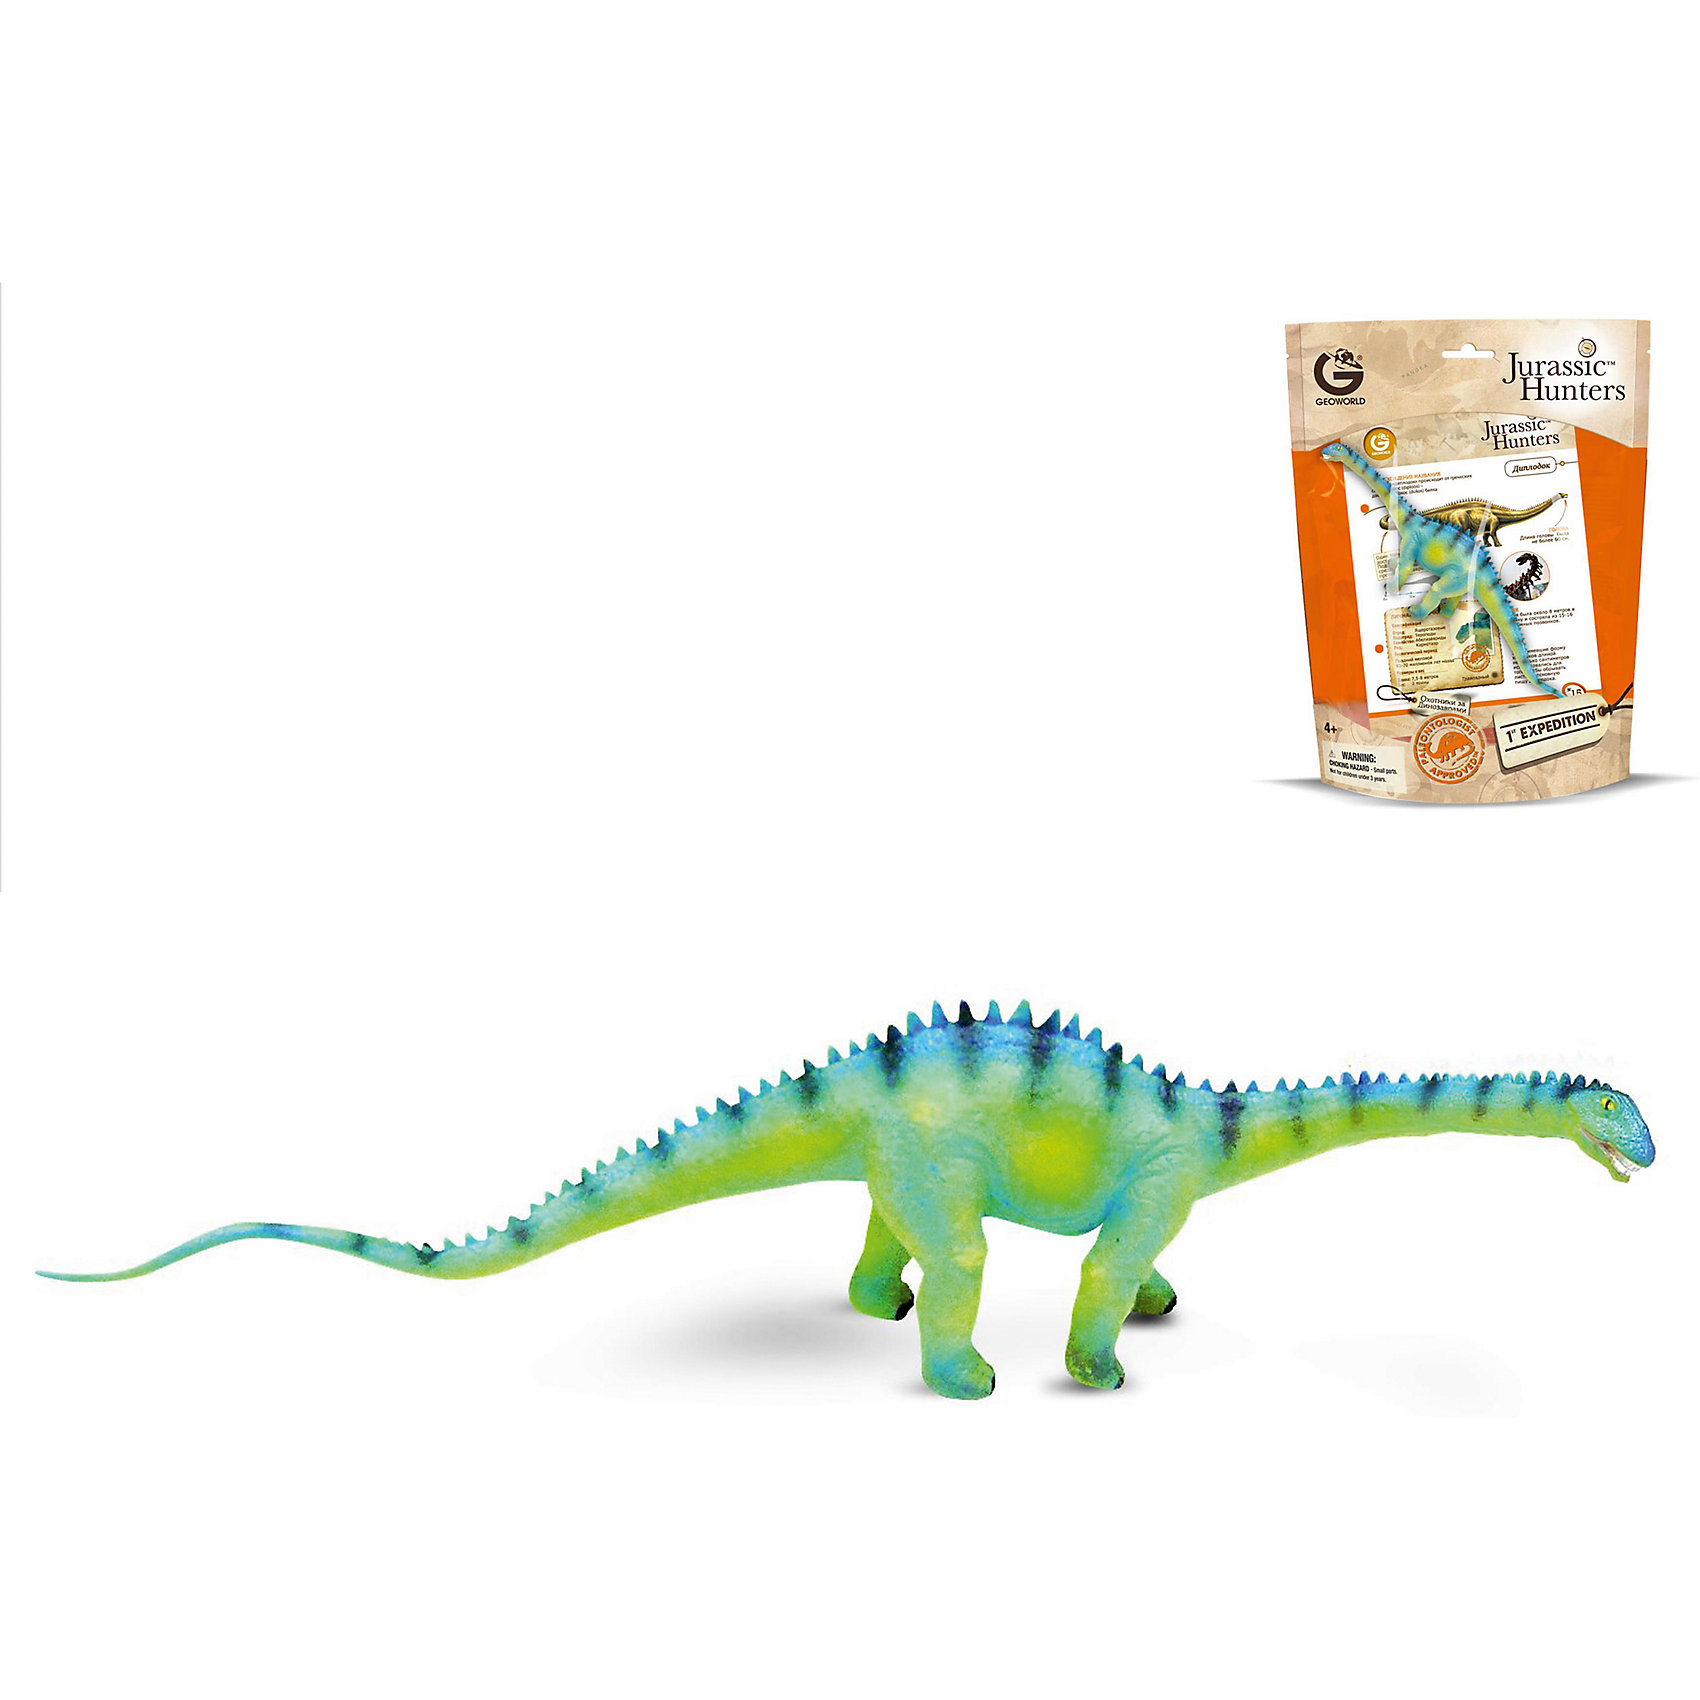 Динозавр Диплодок, коллекция Jurassic Hunters, GeoworldДраконы и динозавры<br>Характеристики товара:<br><br>• материал: пластик<br>• возраст: от 4 лет<br>• длина игрушки: 27 см<br>• масштаб: 1:110<br>• в комплекте: фигурка динозавра, страница с научной информацией о динозавре, мини-буклет с указанием полной коллекции Jurassic Hunters (Охотников за Динозаврами)<br>• габариты упаковки: 27х21х8 см<br>• вес: 100 г<br>• страна бренда: Италия<br><br>Детализированная фигурка отлично впишется в коллекцию динозавров юного палеонтолога. Уникальный дизайн, проработанные мелкие детали и художественное исполнение сделали игрушку очень реалистичной и перенесли ее в раздел коллекционных моделей. Материалы, использованные при изготовлении товаров, проходят проверку на качество и соответствие международным требованиям по безопасности.<br>Такие фигурки помогают привить детям любовь к учебе, развить воображение и интерес к коллекционированию.<br><br>Динозавр Диплодок, коллекция Jurassic Hunter, от бренда Geoworld можно купить в нашем интернет-магазине.<br><br>Ширина мм: 210<br>Глубина мм: 80<br>Высота мм: 270<br>Вес г: 111<br>Возраст от месяцев: 48<br>Возраст до месяцев: 108<br>Пол: Унисекс<br>Возраст: Детский<br>SKU: 5418994